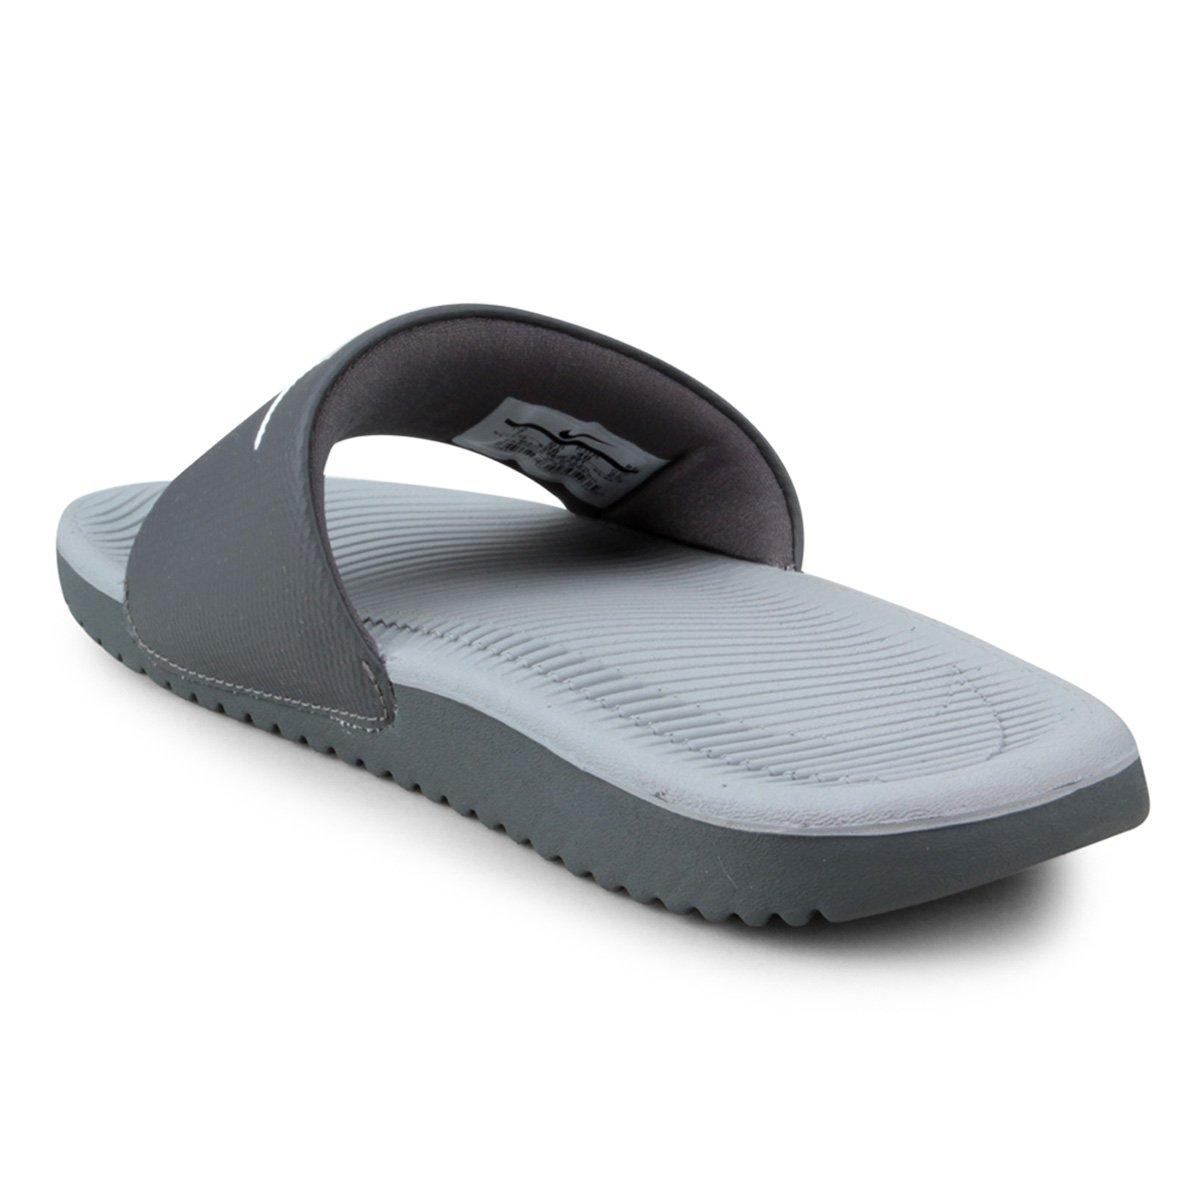 af08be8063ace ... Foto 3 - Sandália Nike Kawa Slide Masculina ...